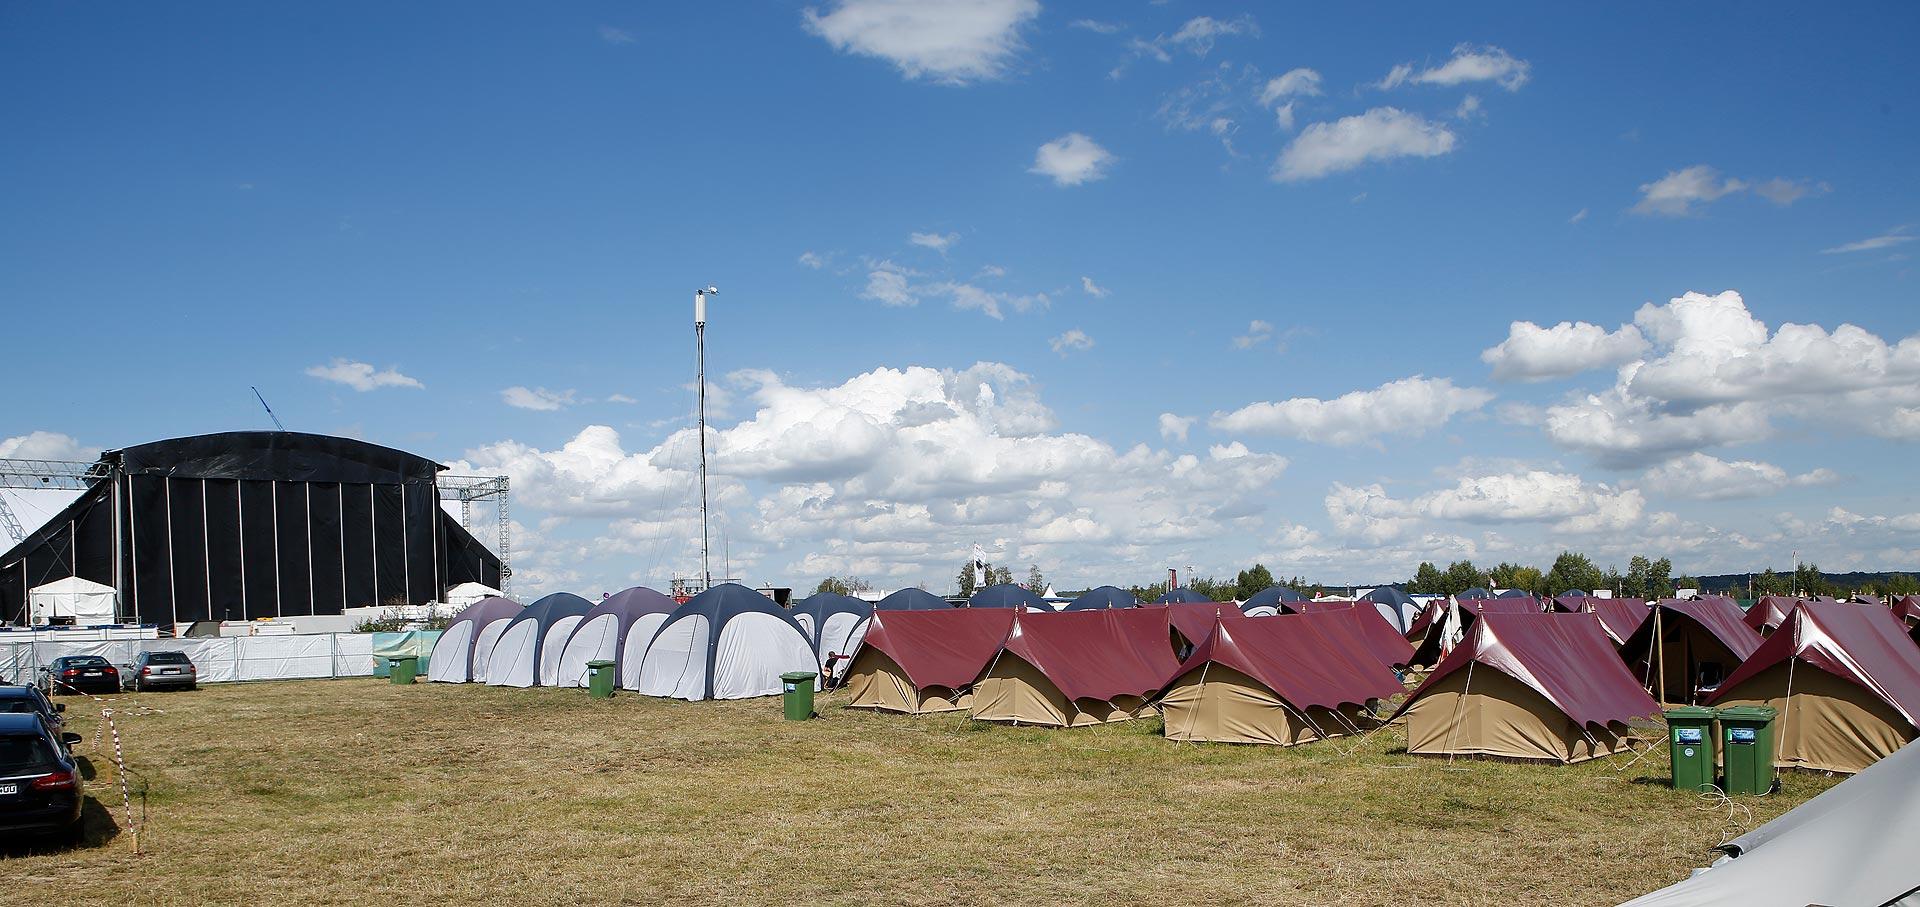 Die Zelte auf dem teuren Campingplatz haben einen Holzfußboden und Stromanschluss.